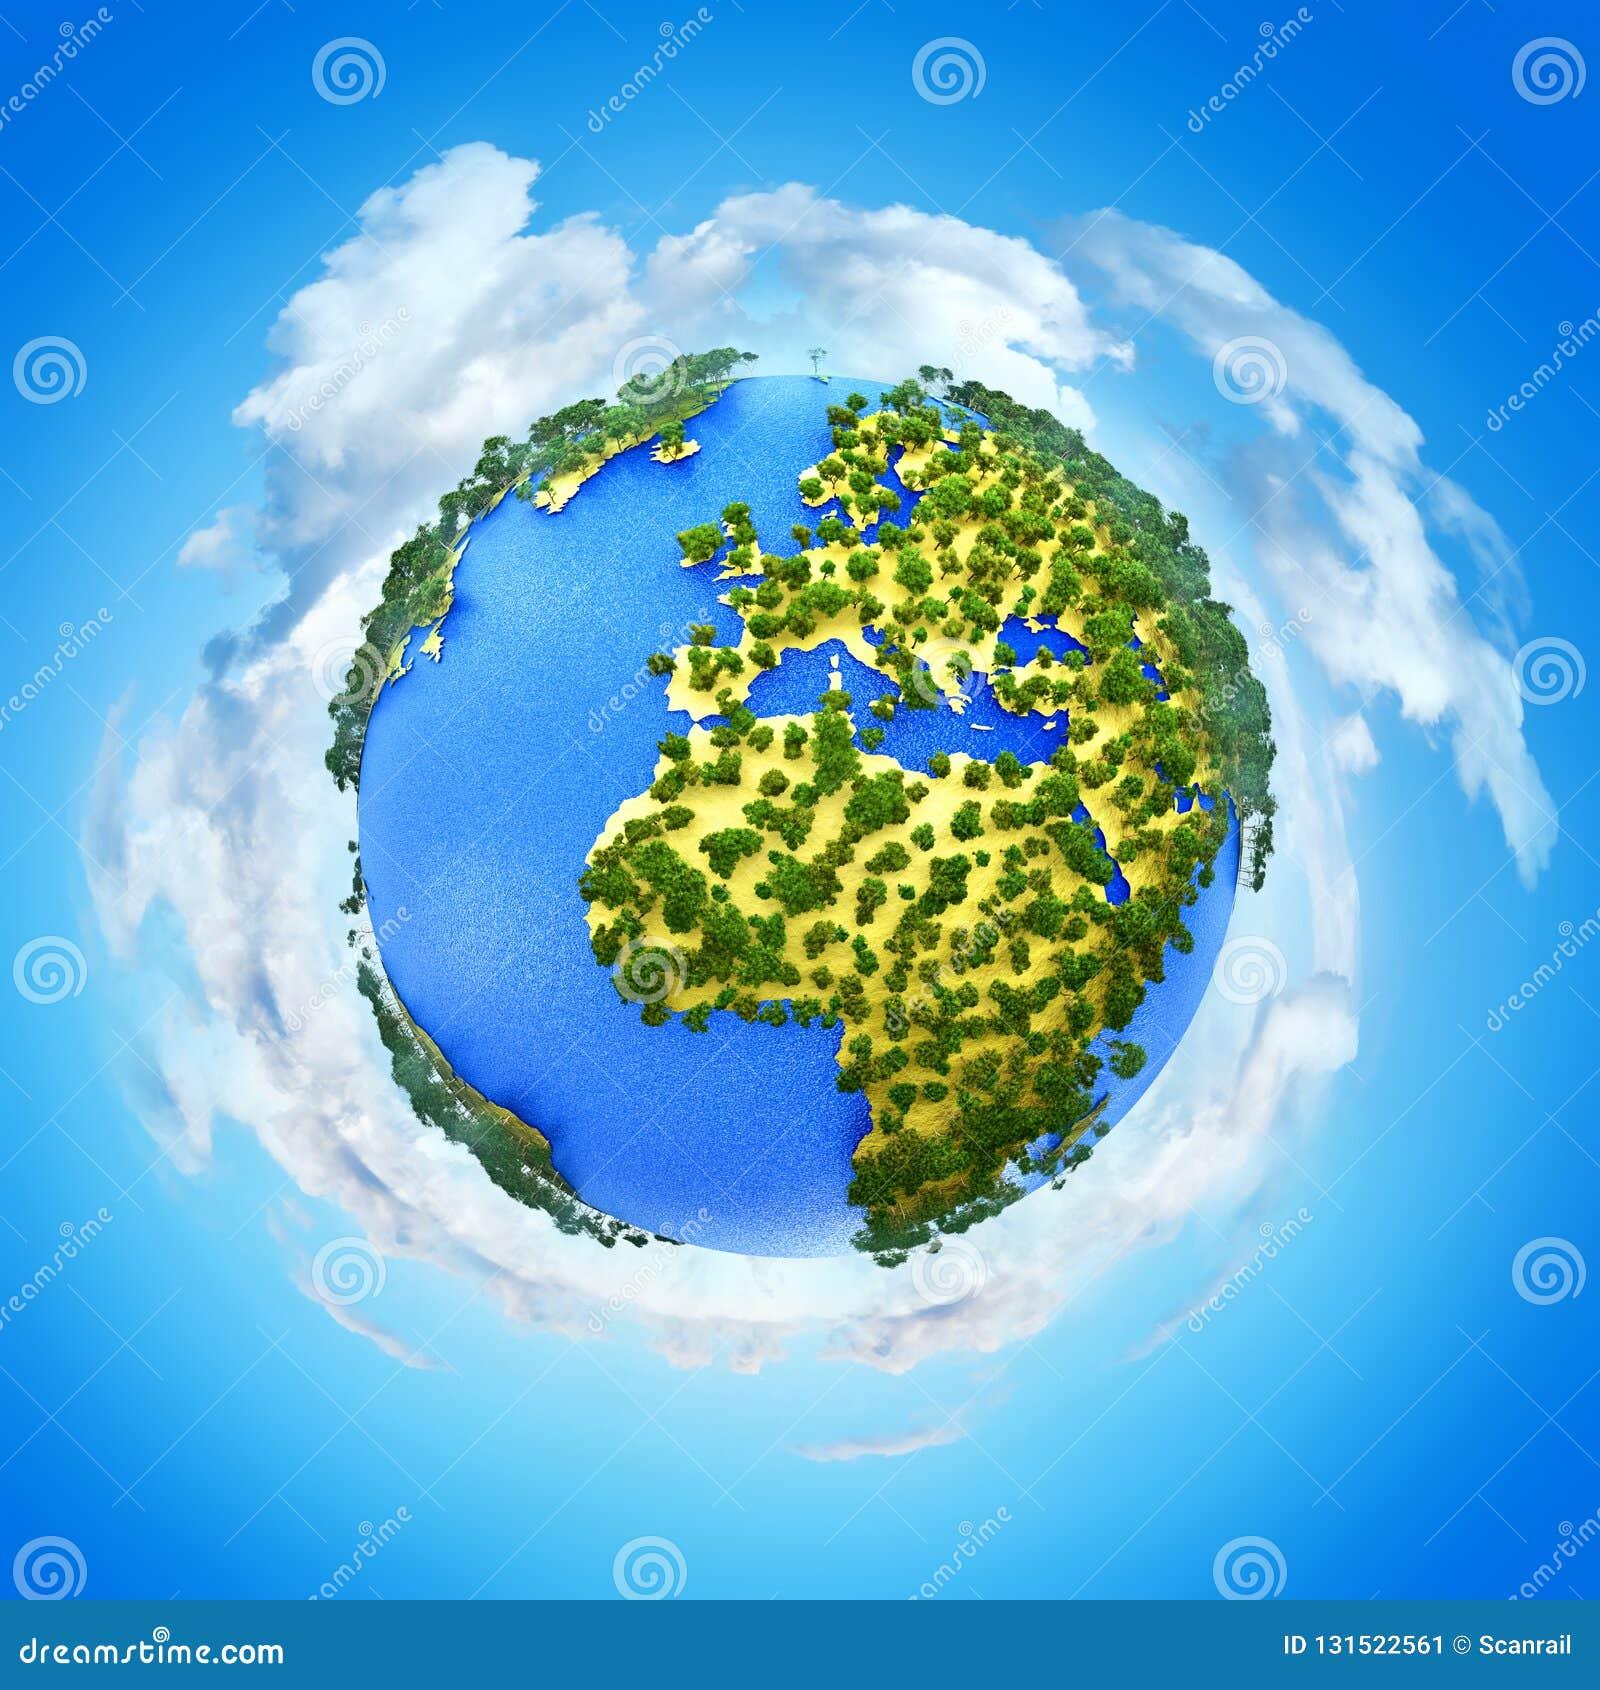 Creatief abstract globaal ecologie en milieubescherming bedrijfsconcept: 3D geef illustratie van miniatuur mini groene Aarde teru